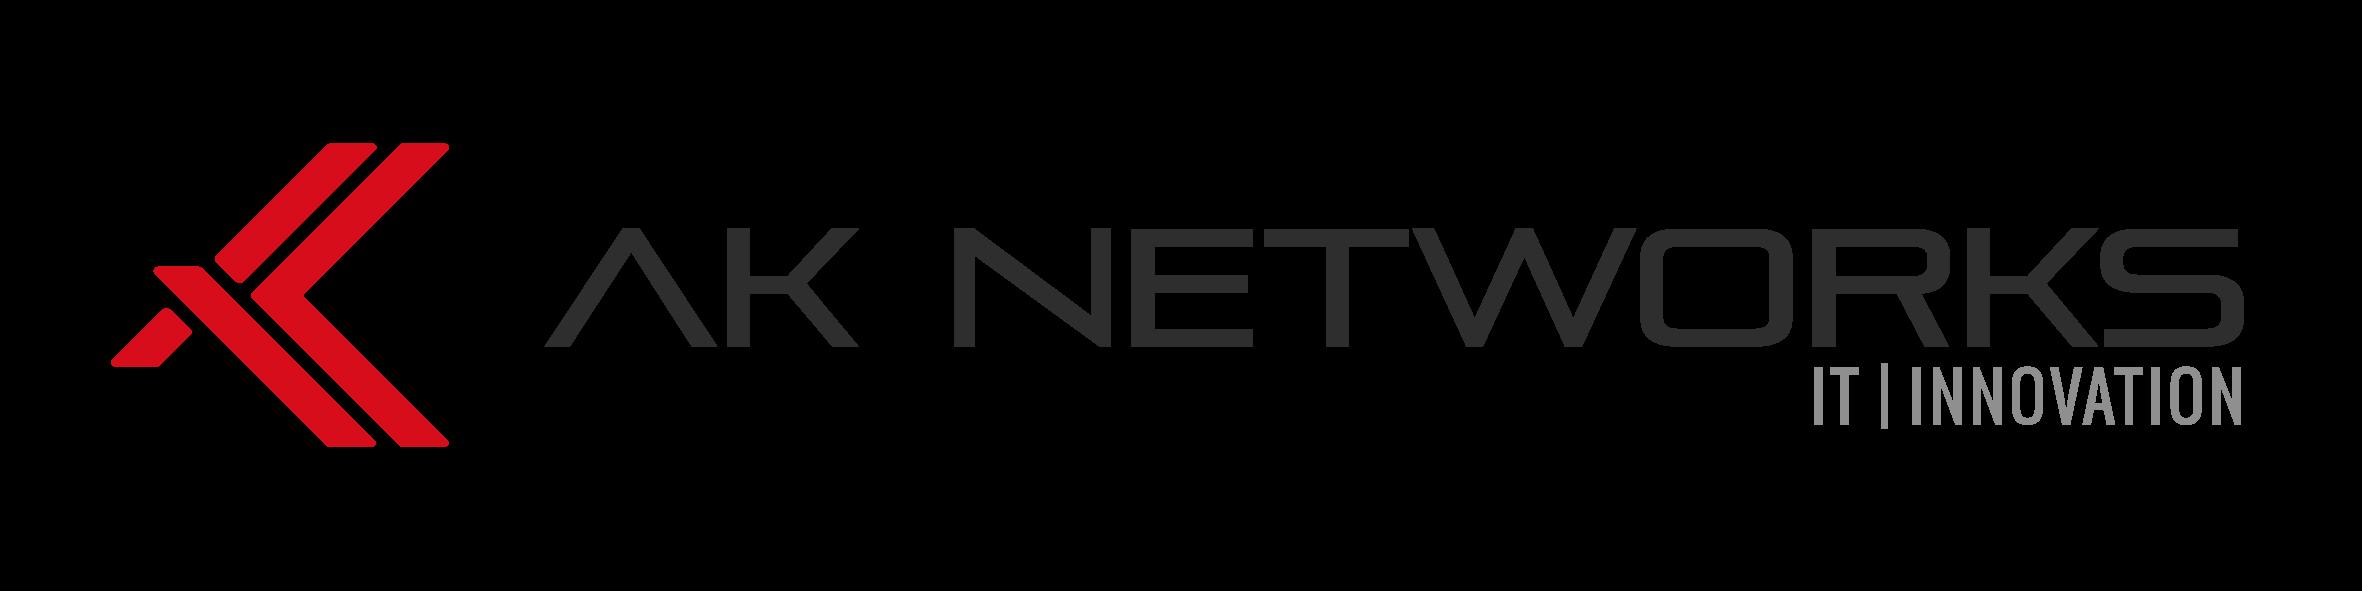 AK Networks logo